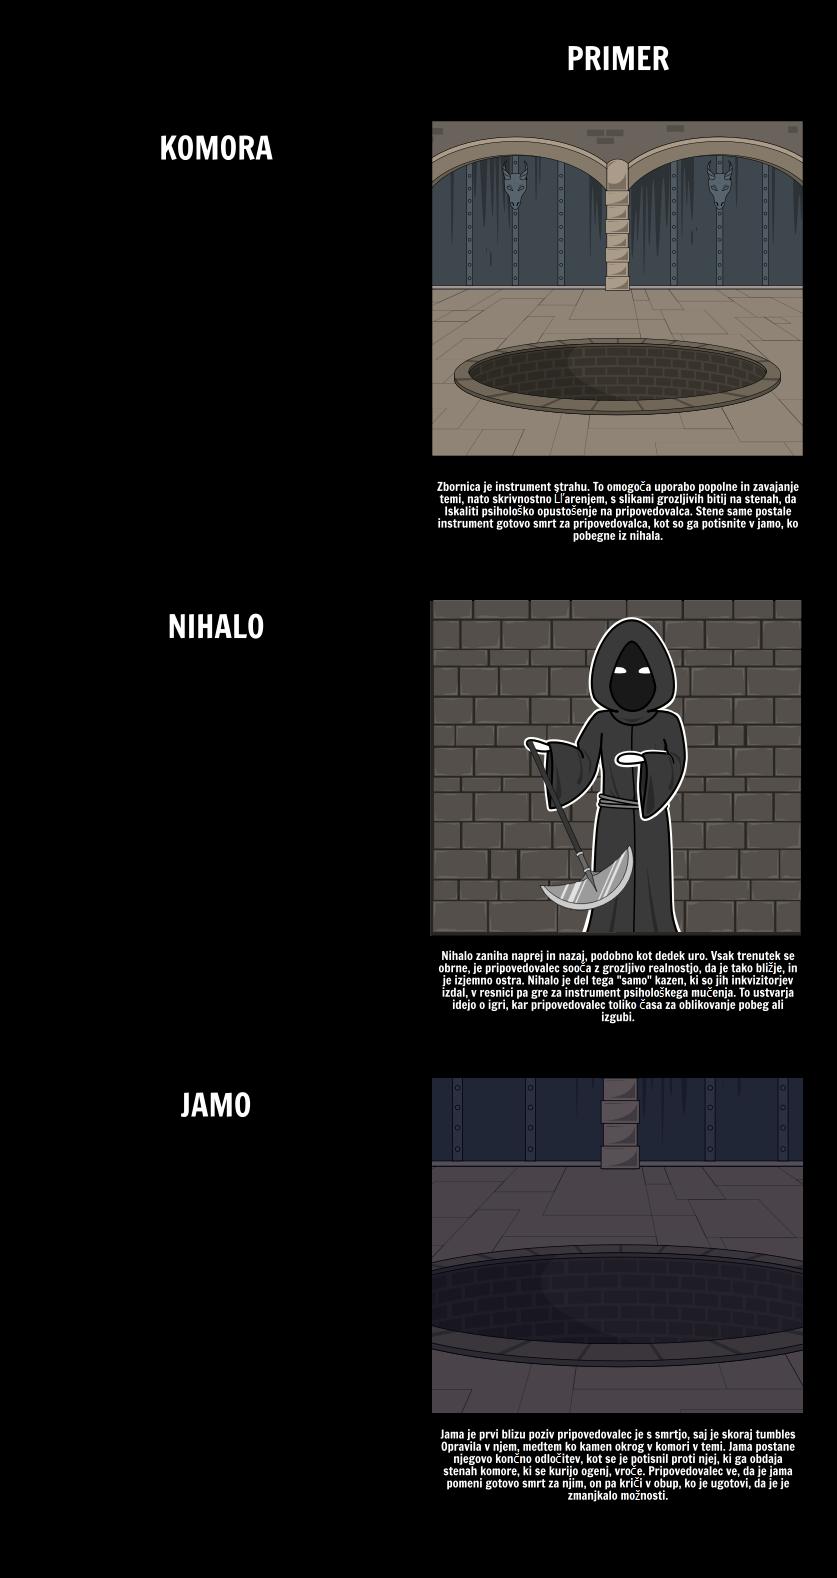 Teme, Simboli in Motivi v Jamo in Nihala